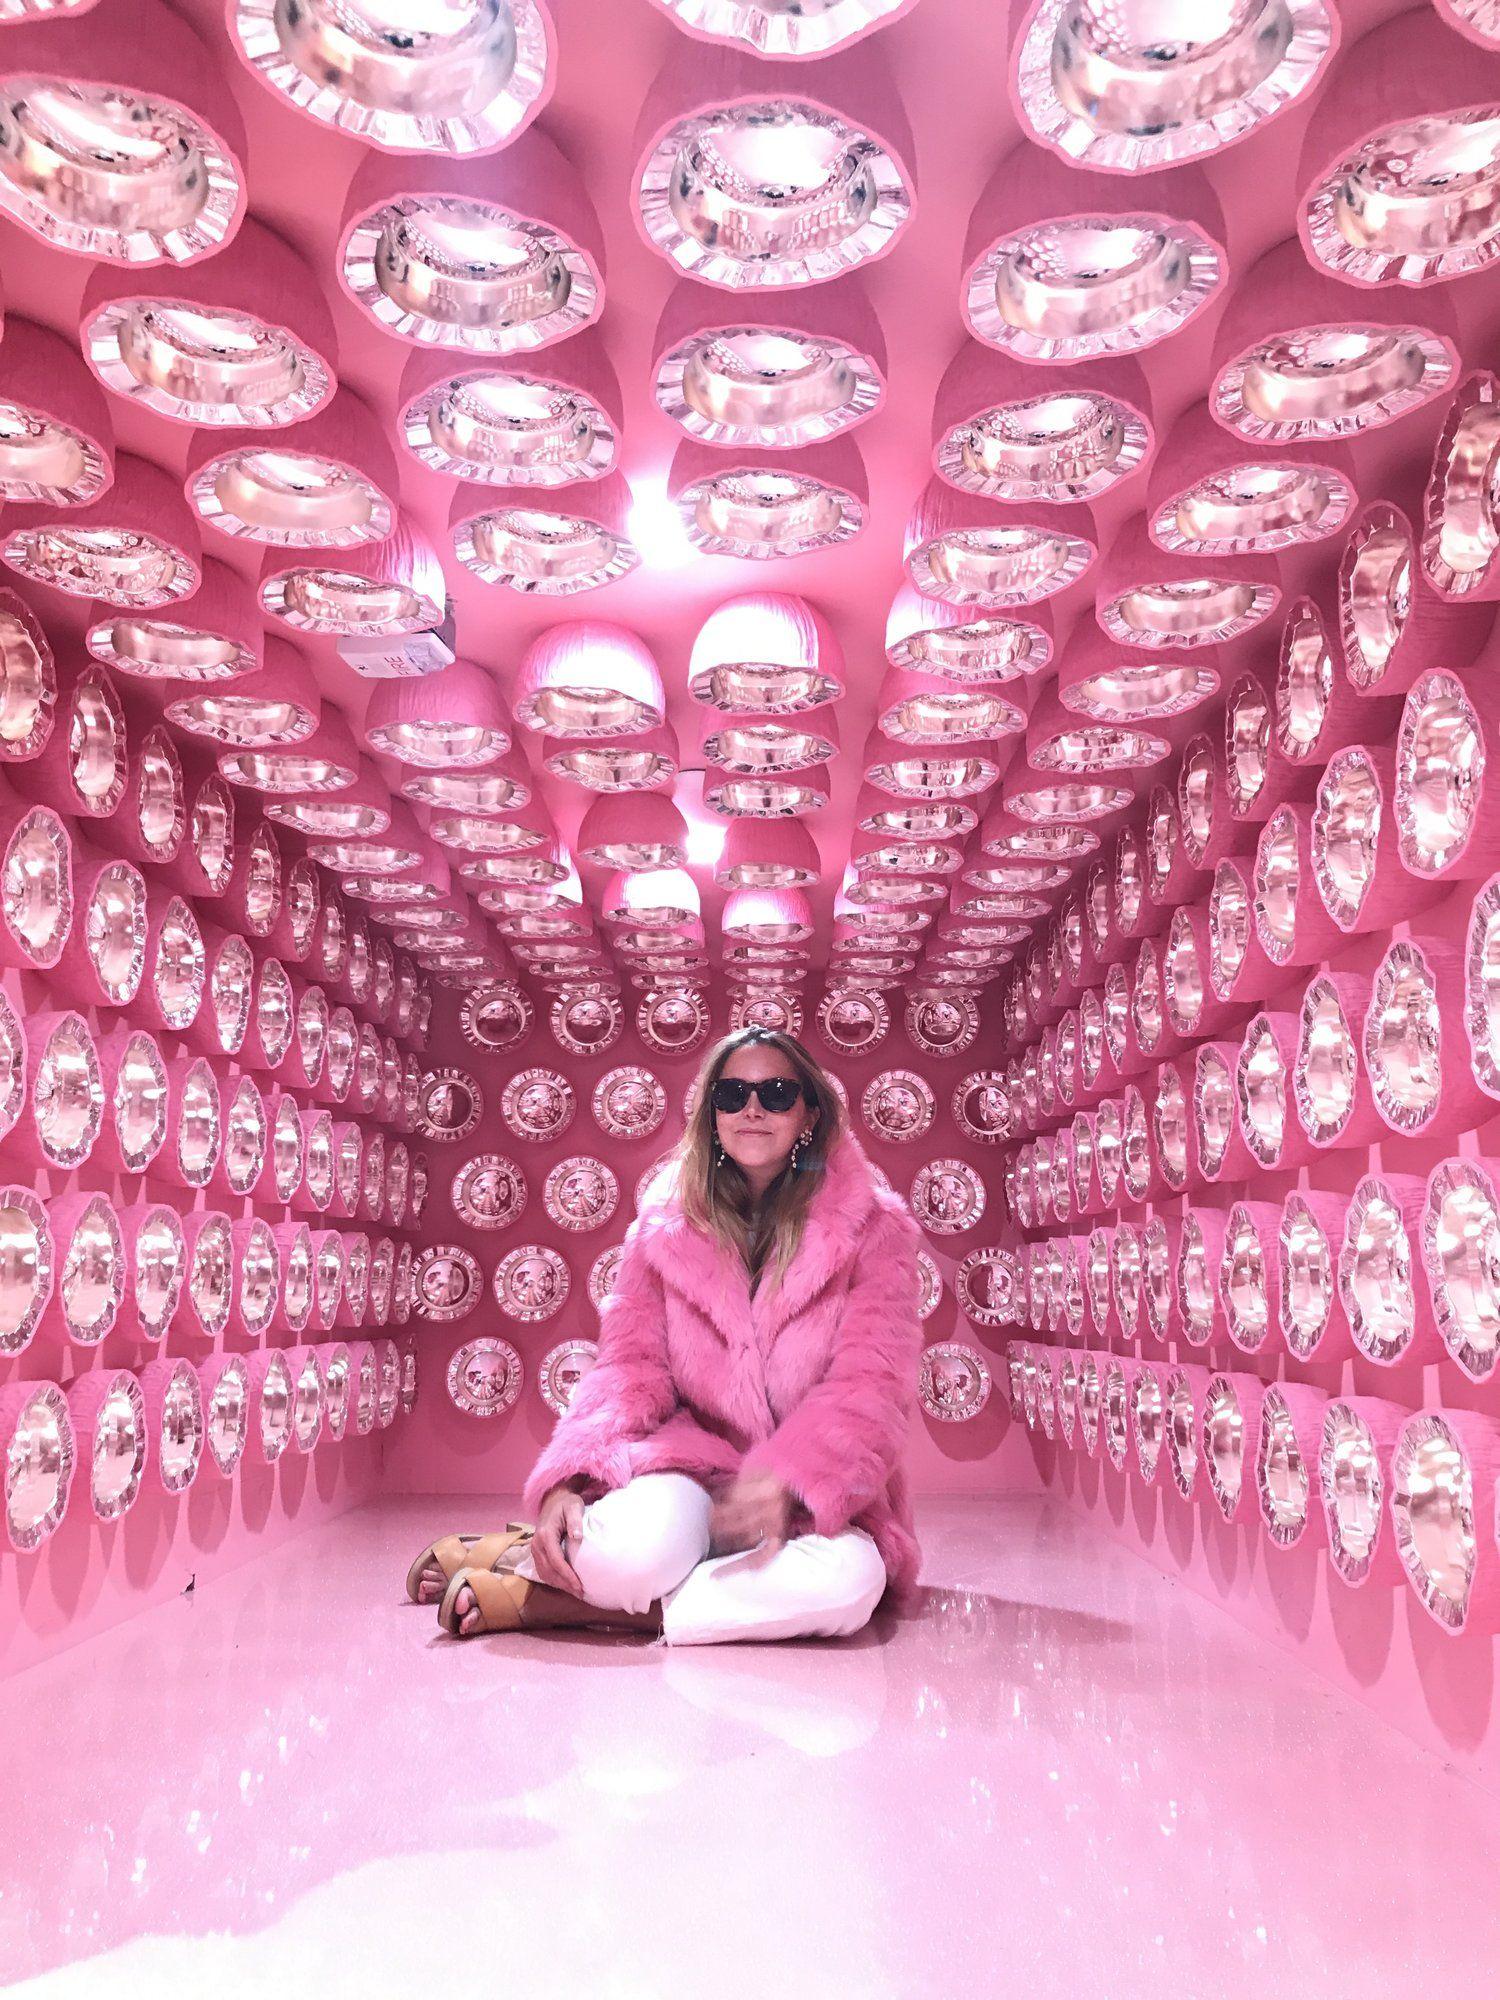 miami museum of ice cream tour video photos fotos miami exposiciones miami. Black Bedroom Furniture Sets. Home Design Ideas